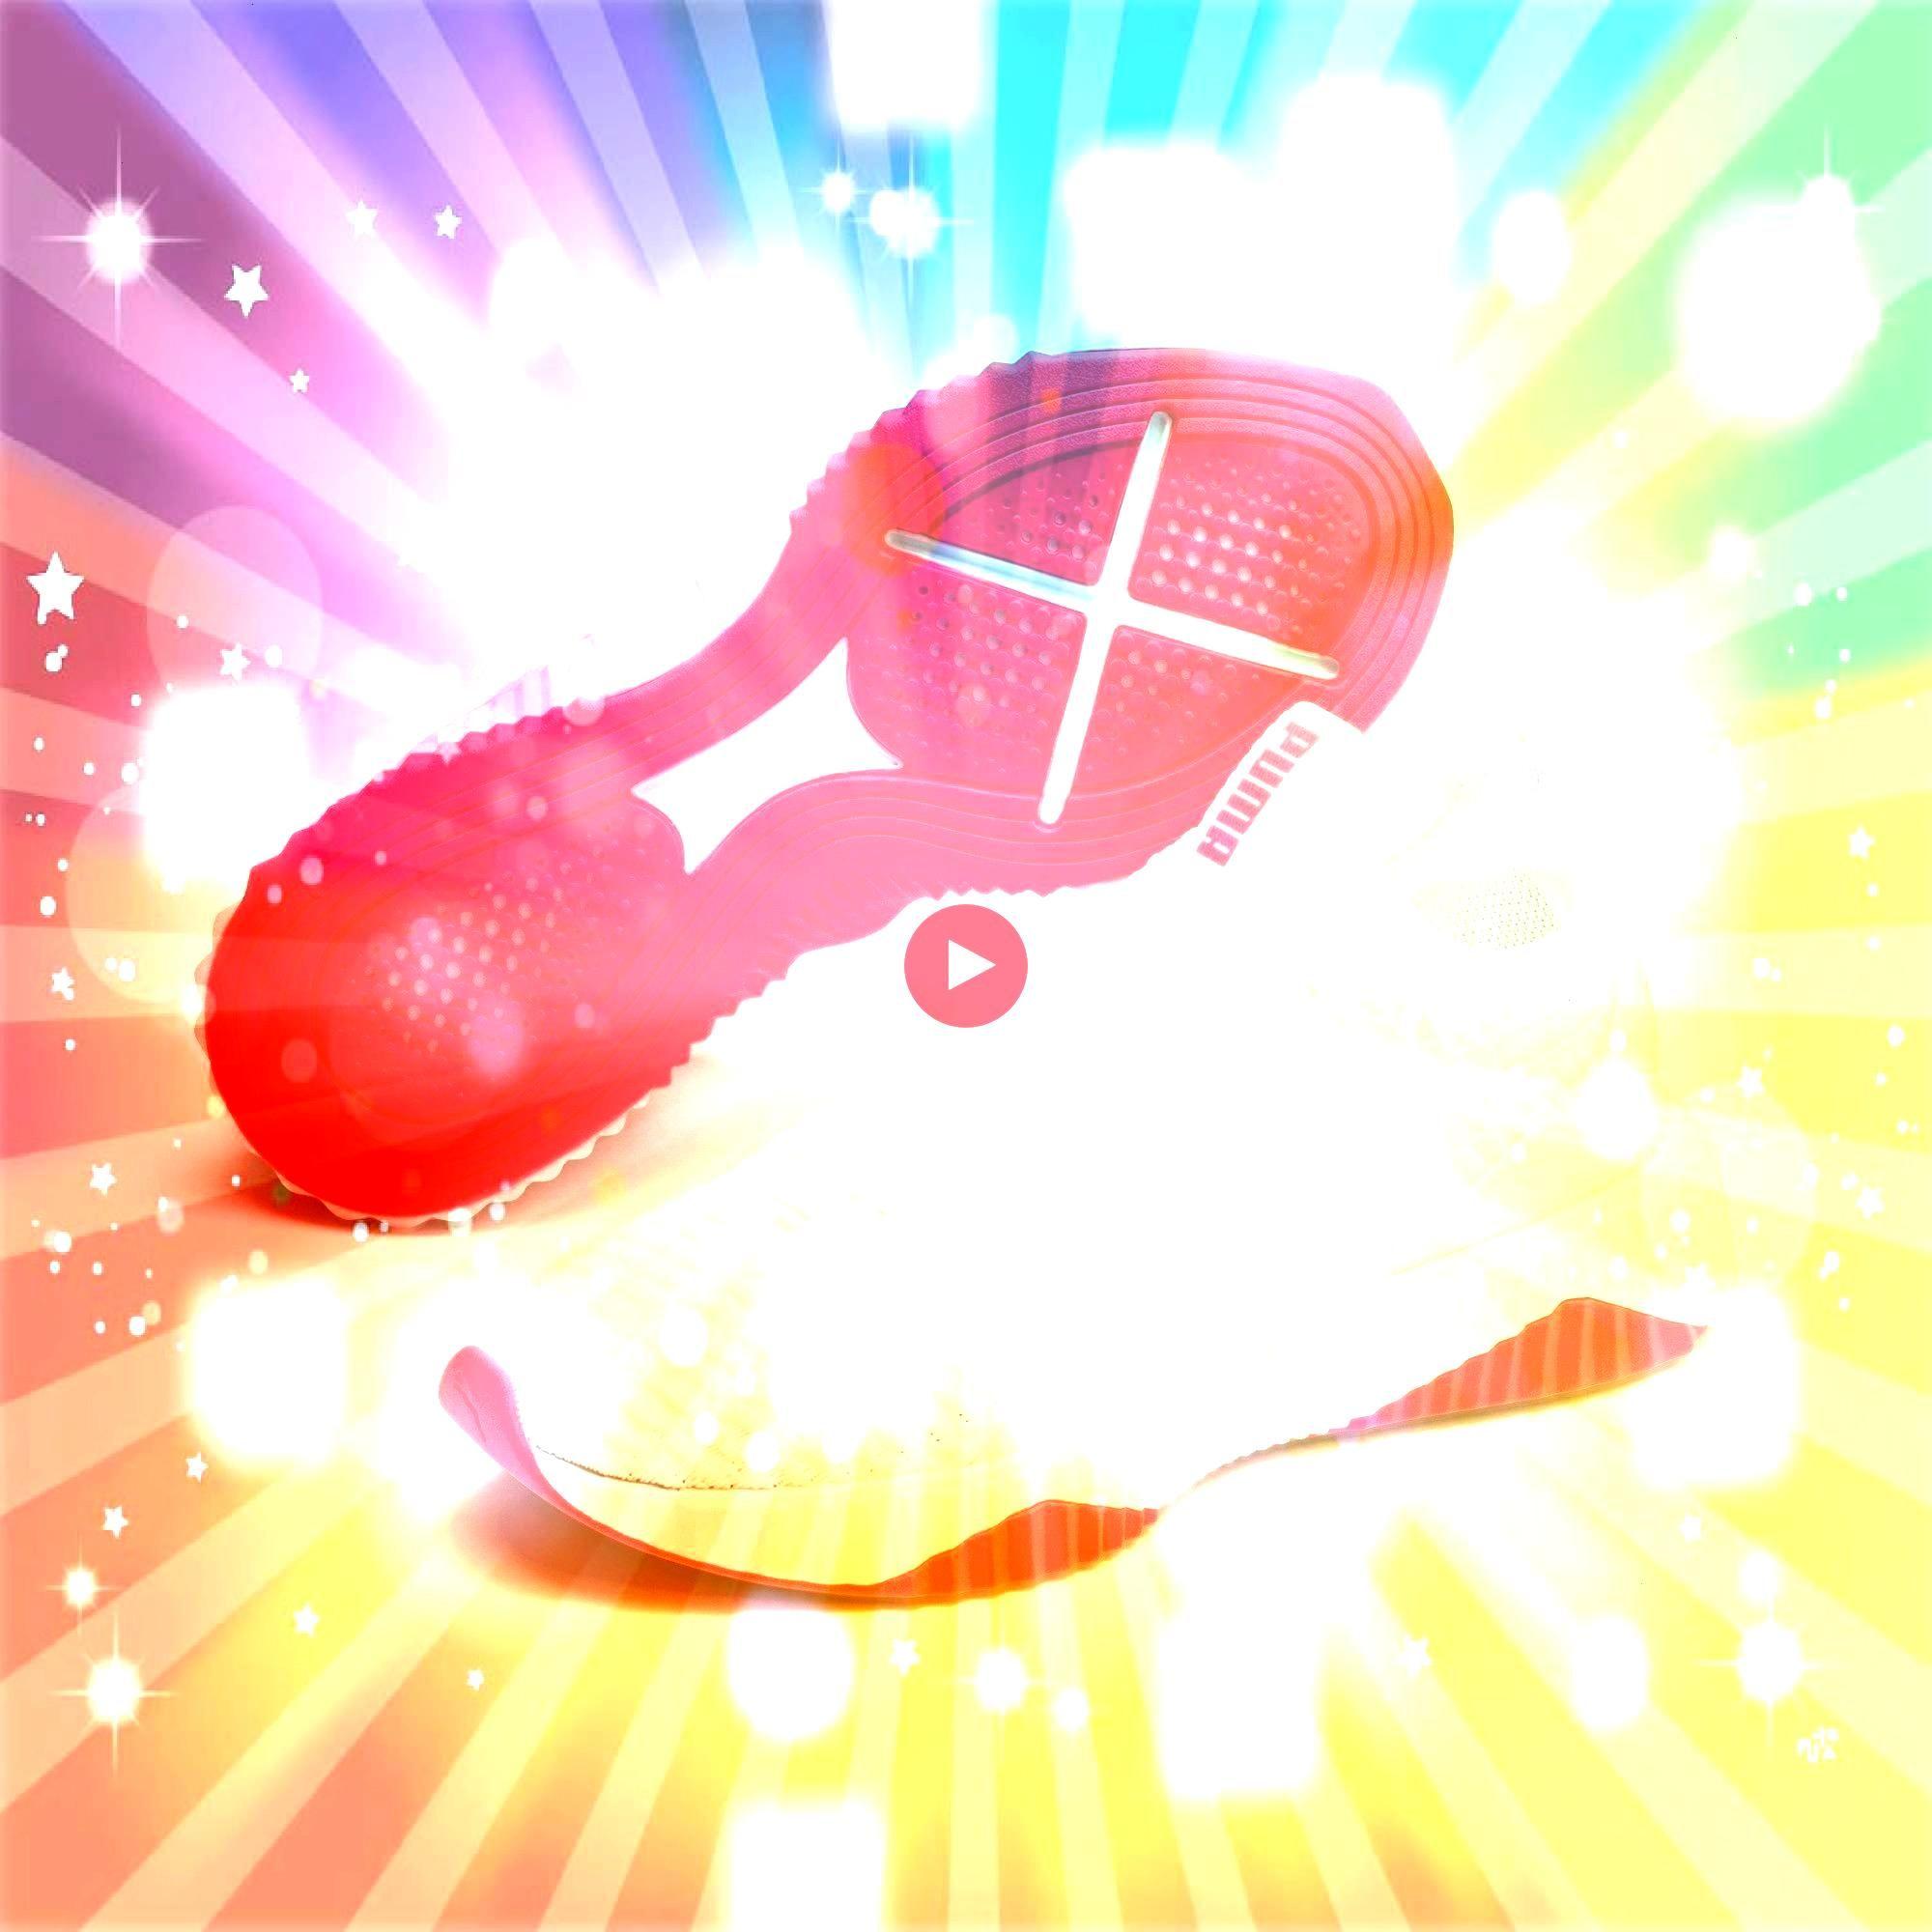 Womens Trainers in WhitePink Alert size 35 PUMA Defy Damen Turnschuhe in Weiß  Pink Alert Größe 35PUMA Defy Womens Trainers in WhitePink Alert size 35 PU...